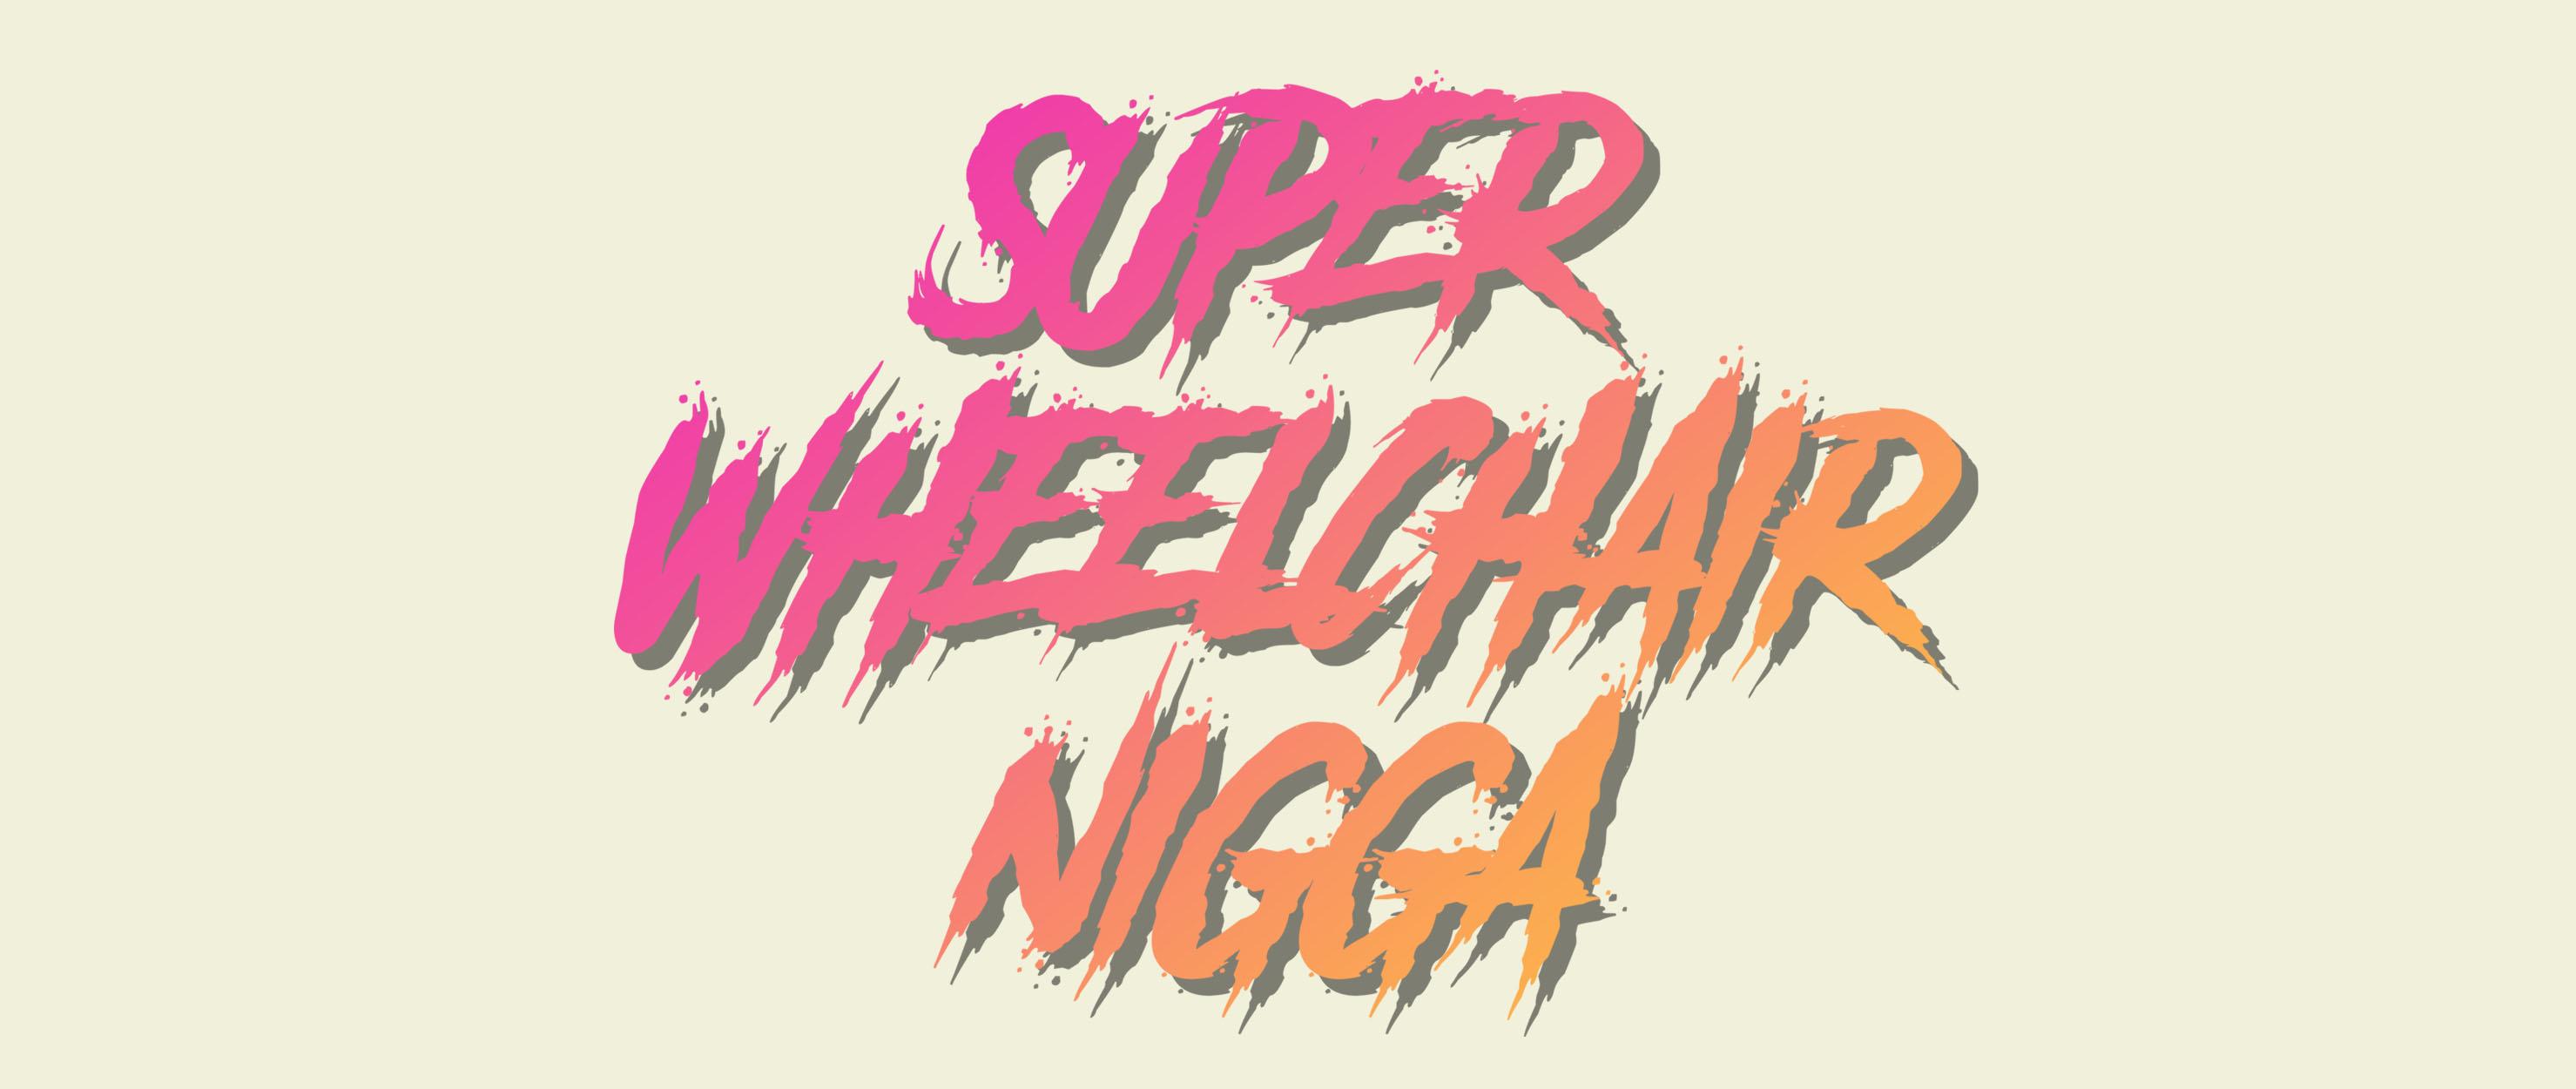 Super Wheelchair N*gga